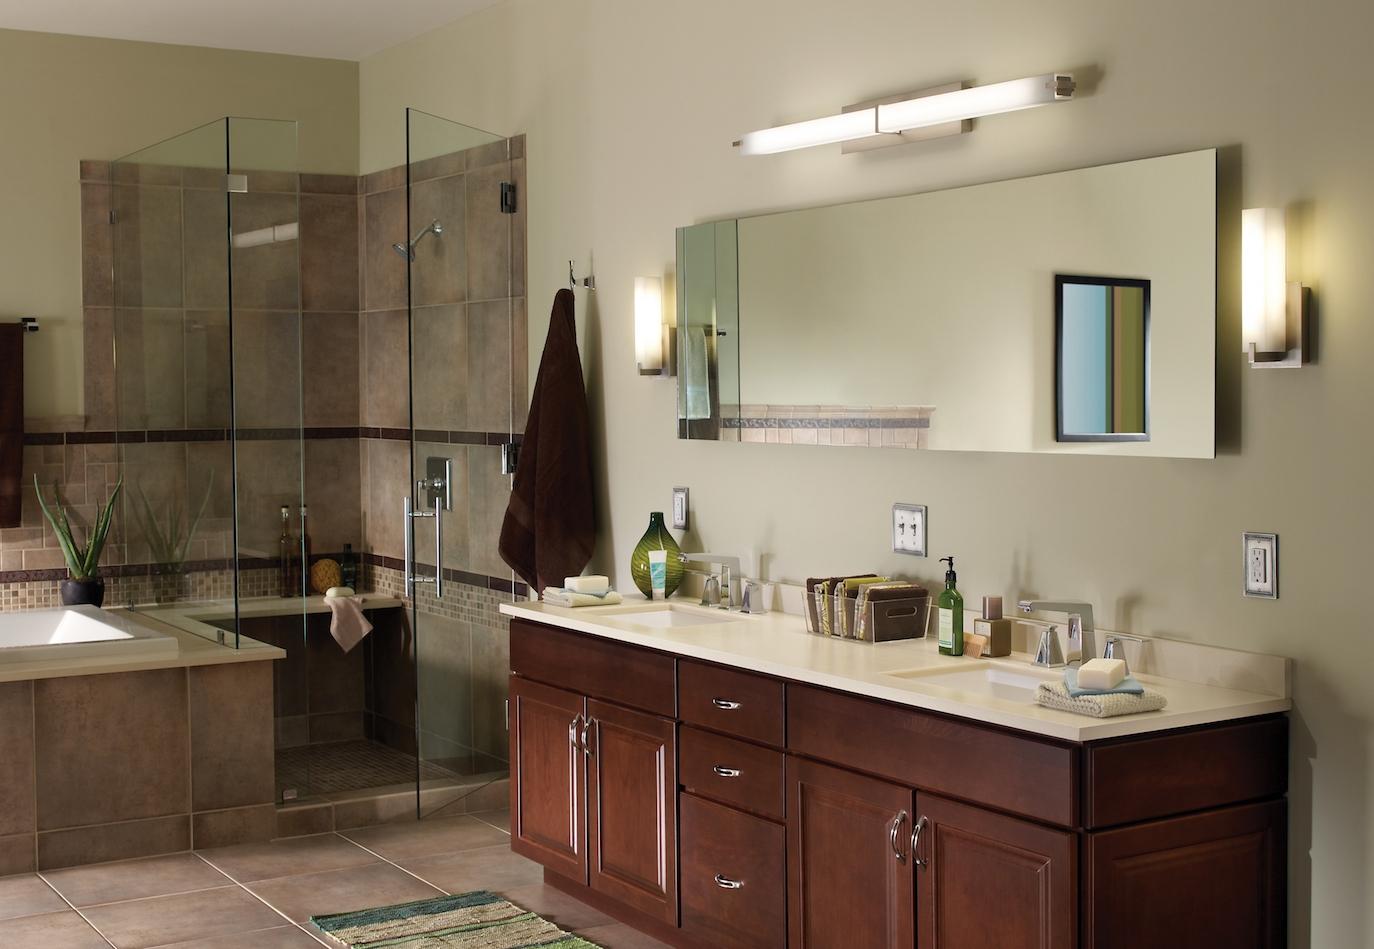 Light Fixtures For Bathroom Mirror